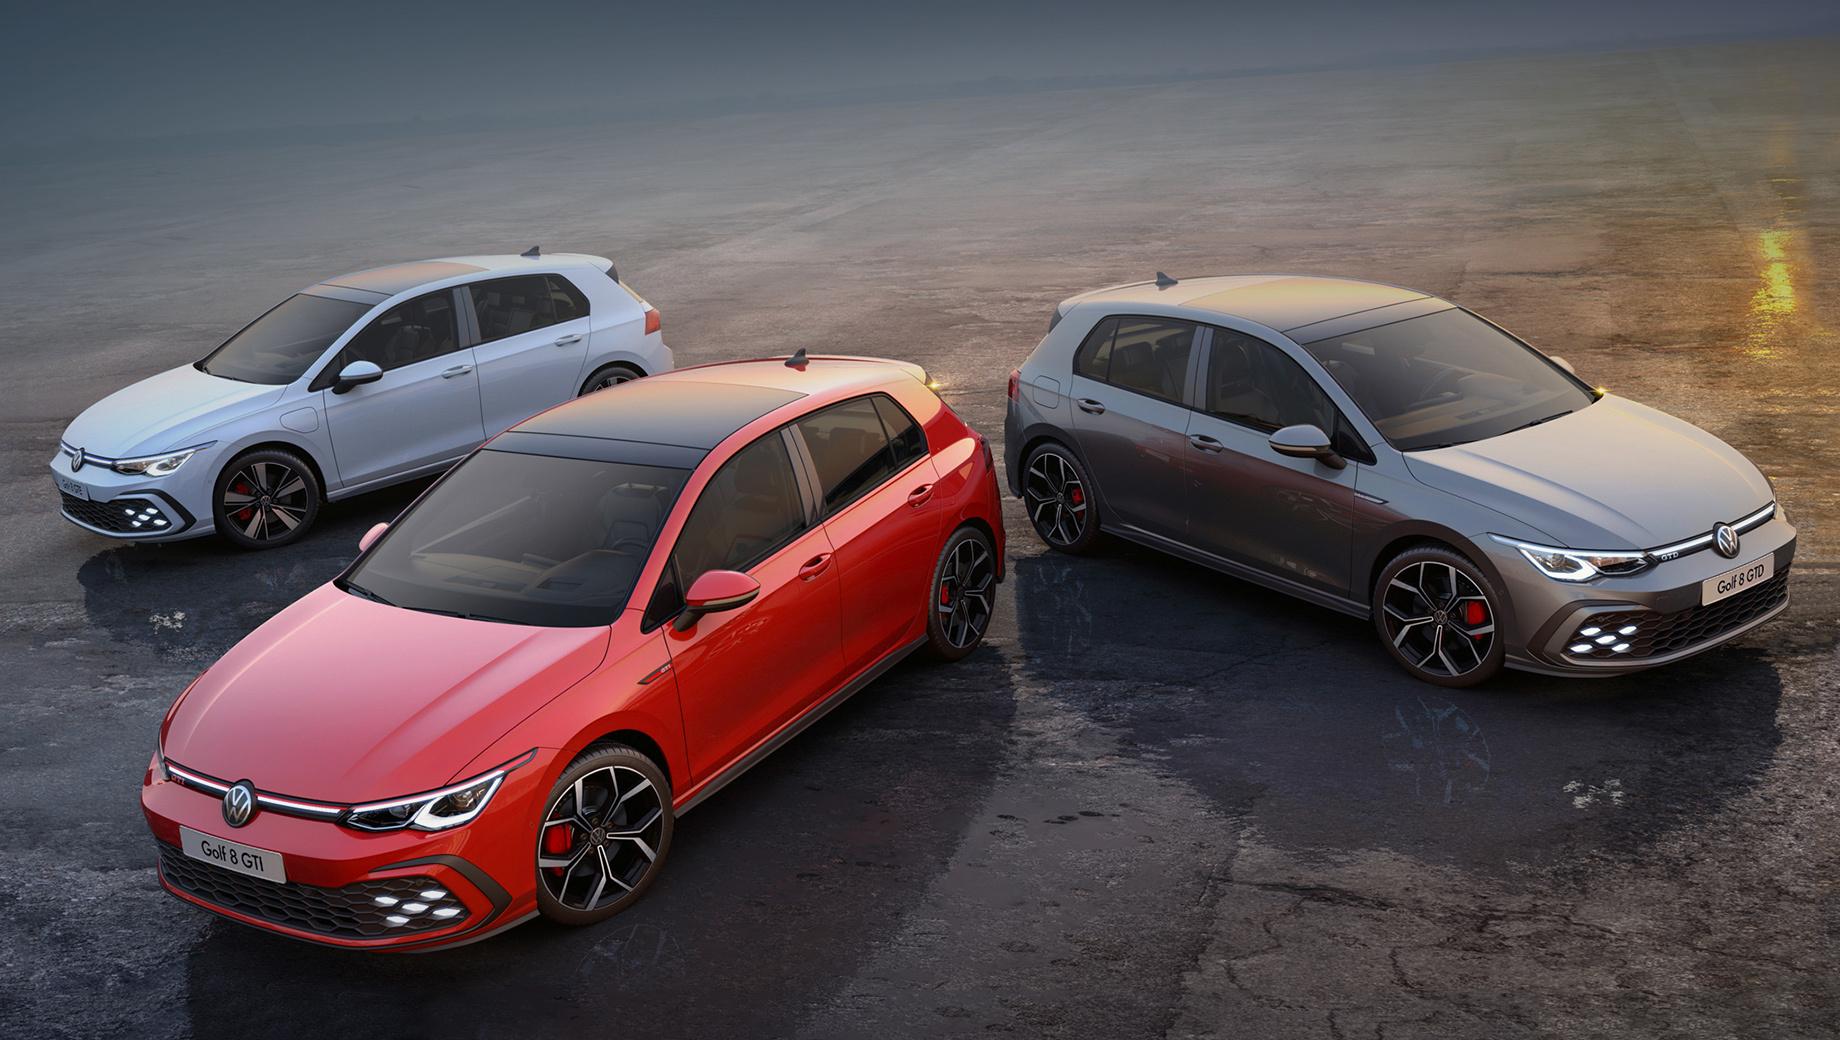 Volkswagen golf,Volkswagen golf gti,Volkswagen golf gte,Volkswagen golf gtd. Противотуманки в виде шестиугольников, размещённых в форме буквы X (опция) и соты в бампере подчёркивают родство трёх производительных версий Гольфа. По краю решётки радиатора пропущена тонкая цветная полоса: красная на GTI, синяя на GTE и серебристая на GTD.